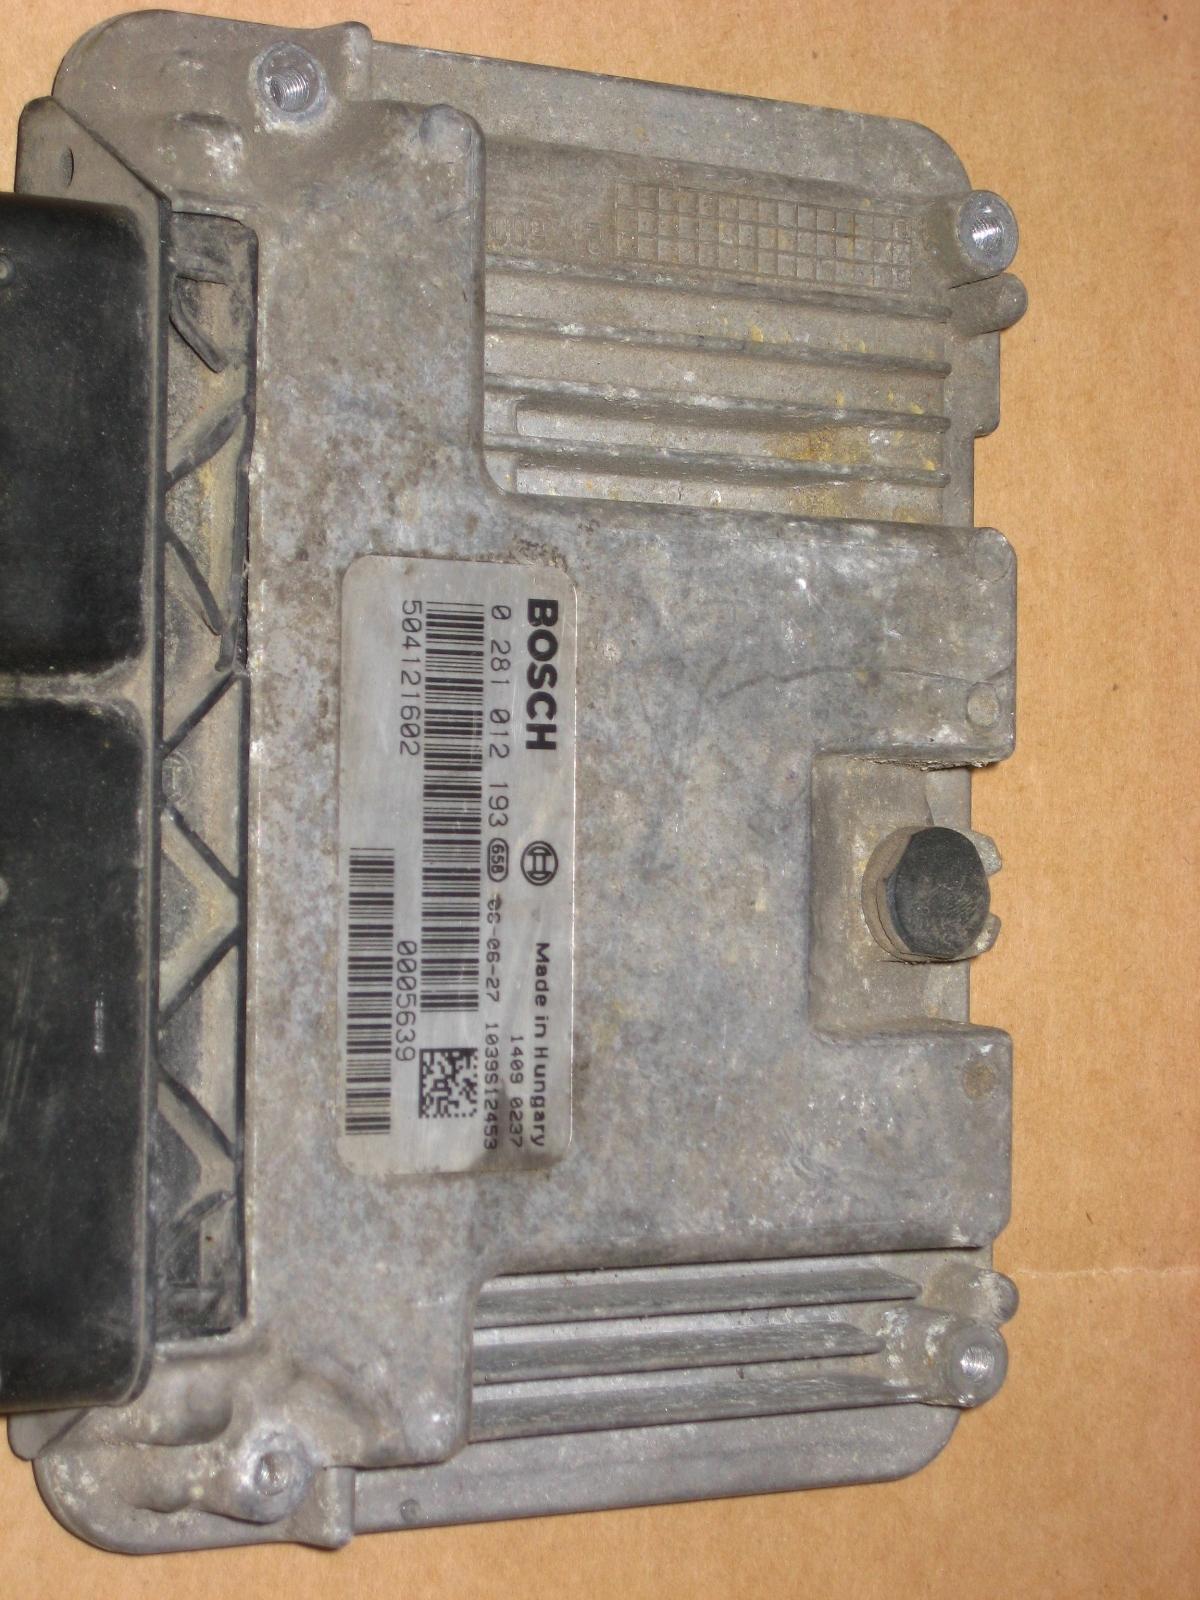 0281012193 компьютер iveco 23 30 программирование